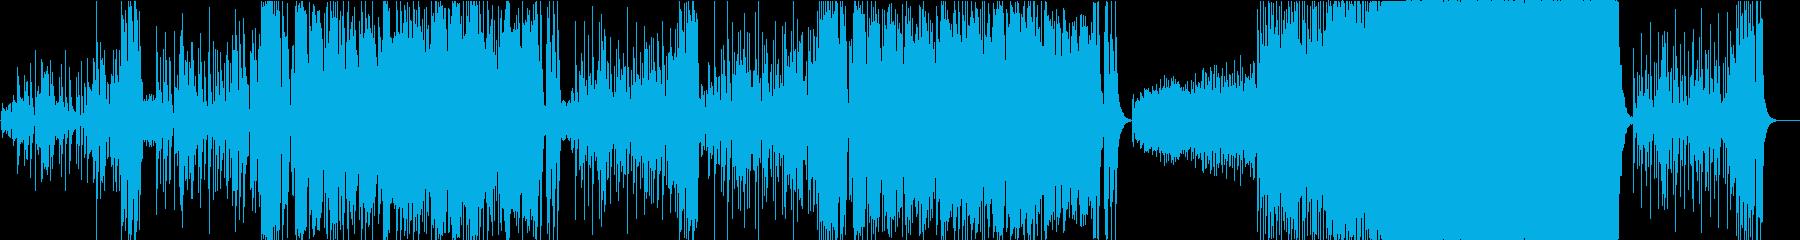 これはアメリカーナ風のスペイン語の歌ですの再生済みの波形